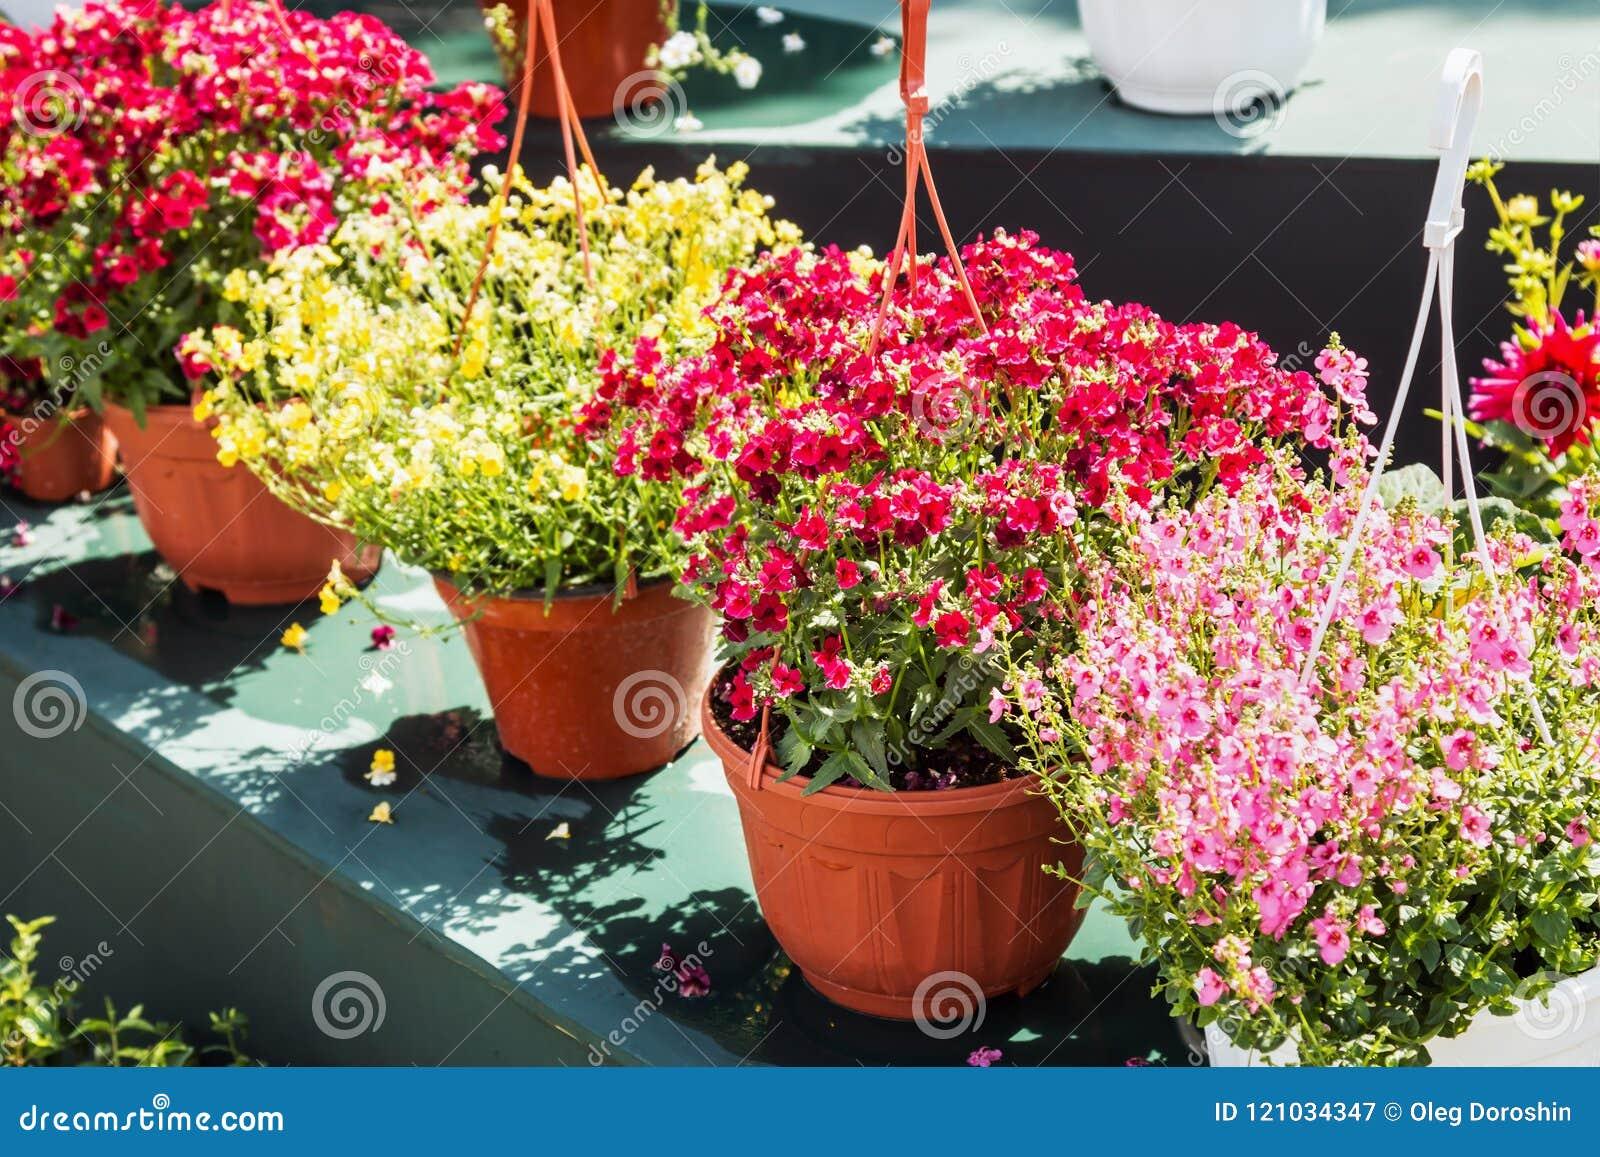 Decorazione Vasi Da Giardino : Fiori in vasi per decorare le vie le case ed i giardini immagine